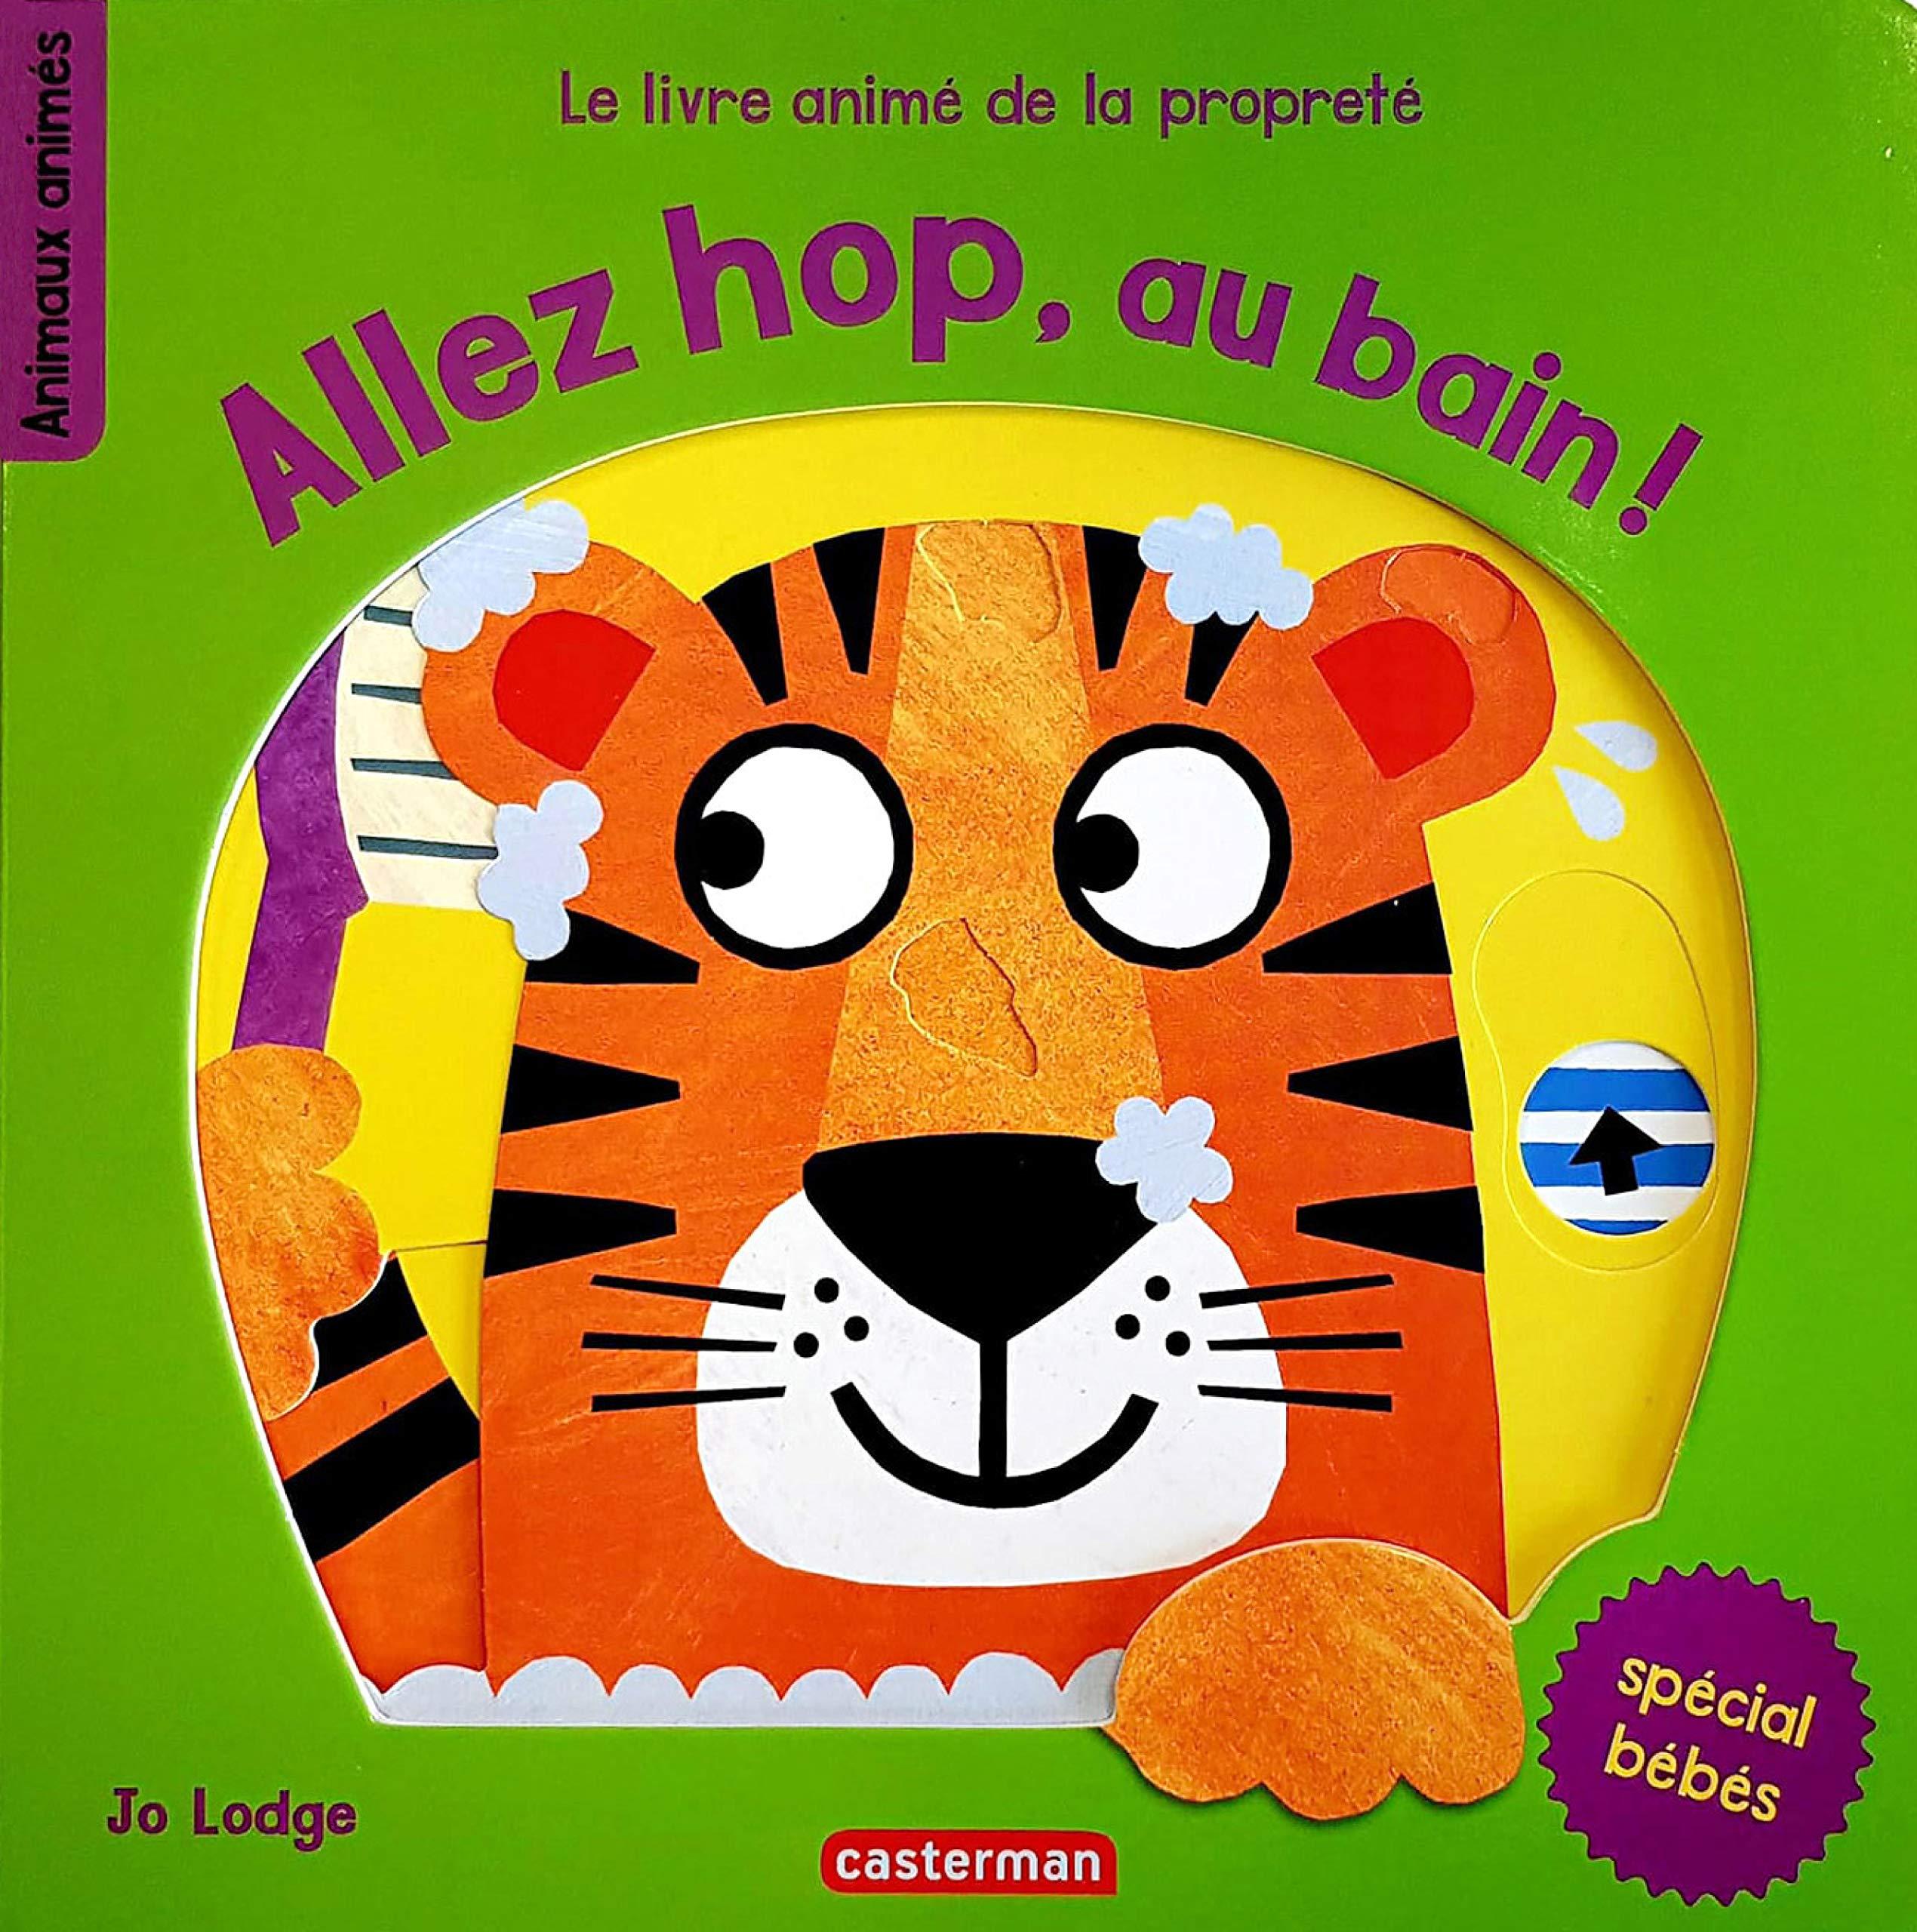 Allez Hop Au Bain Le Livre Anime De La Proprete Jo